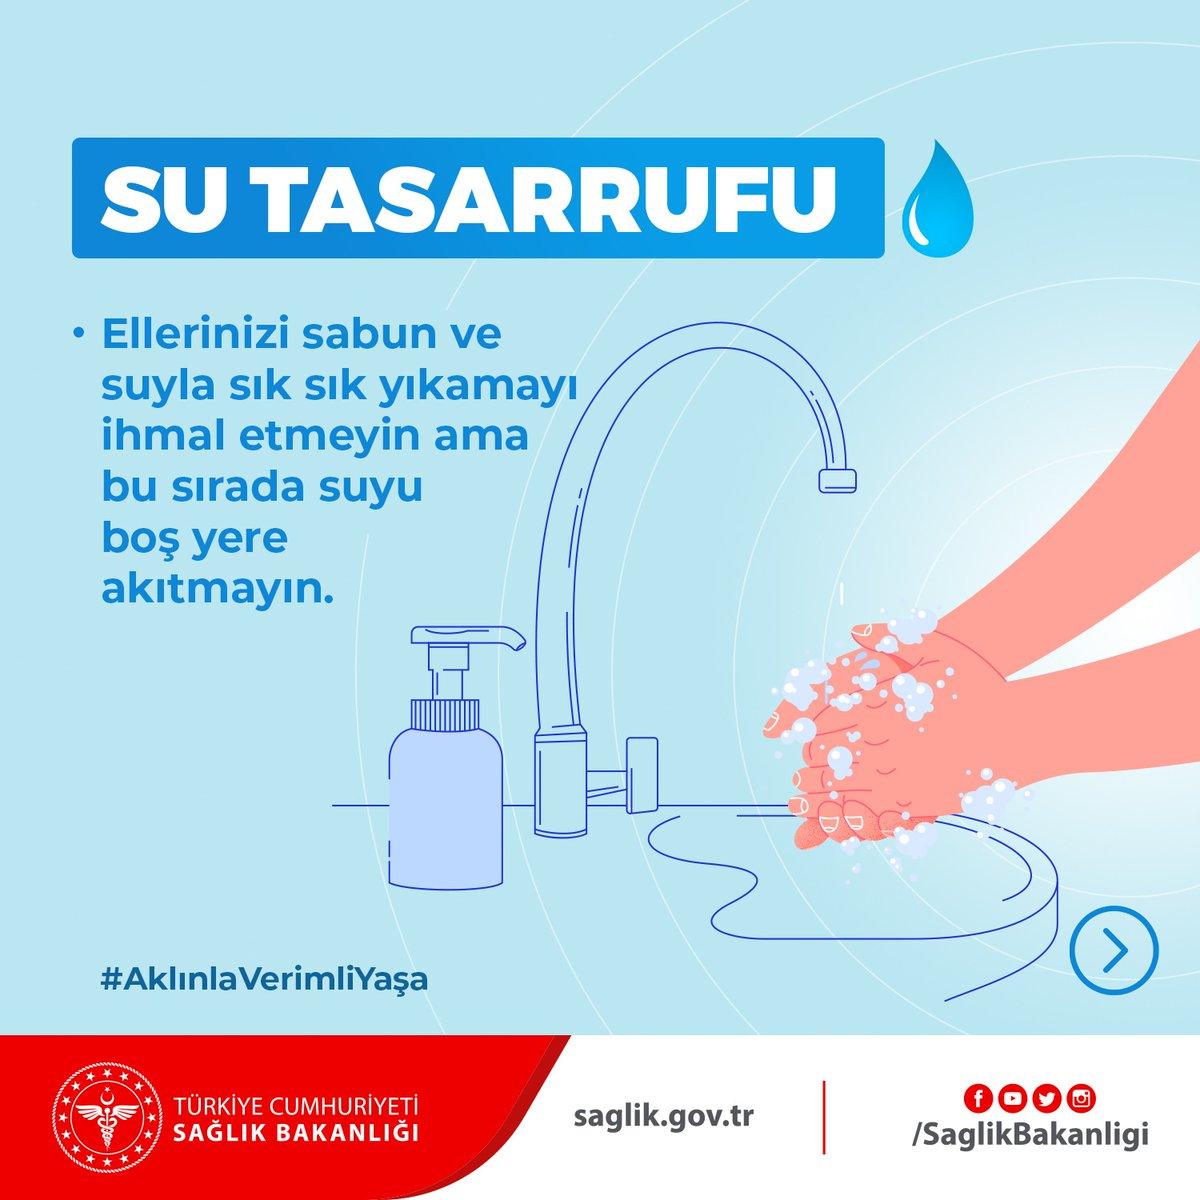 Ellerinizi sabun ve suyla sık sık yıkamayı ihmal etmeyin ama bu sırada suyu boş yere akıtmayın. Su kaynaklarını doğru kullanarak kuraklıkla mücadele etmek için uygulanabilecek yöntemler 👇 #AklınlaVerimliYaşa